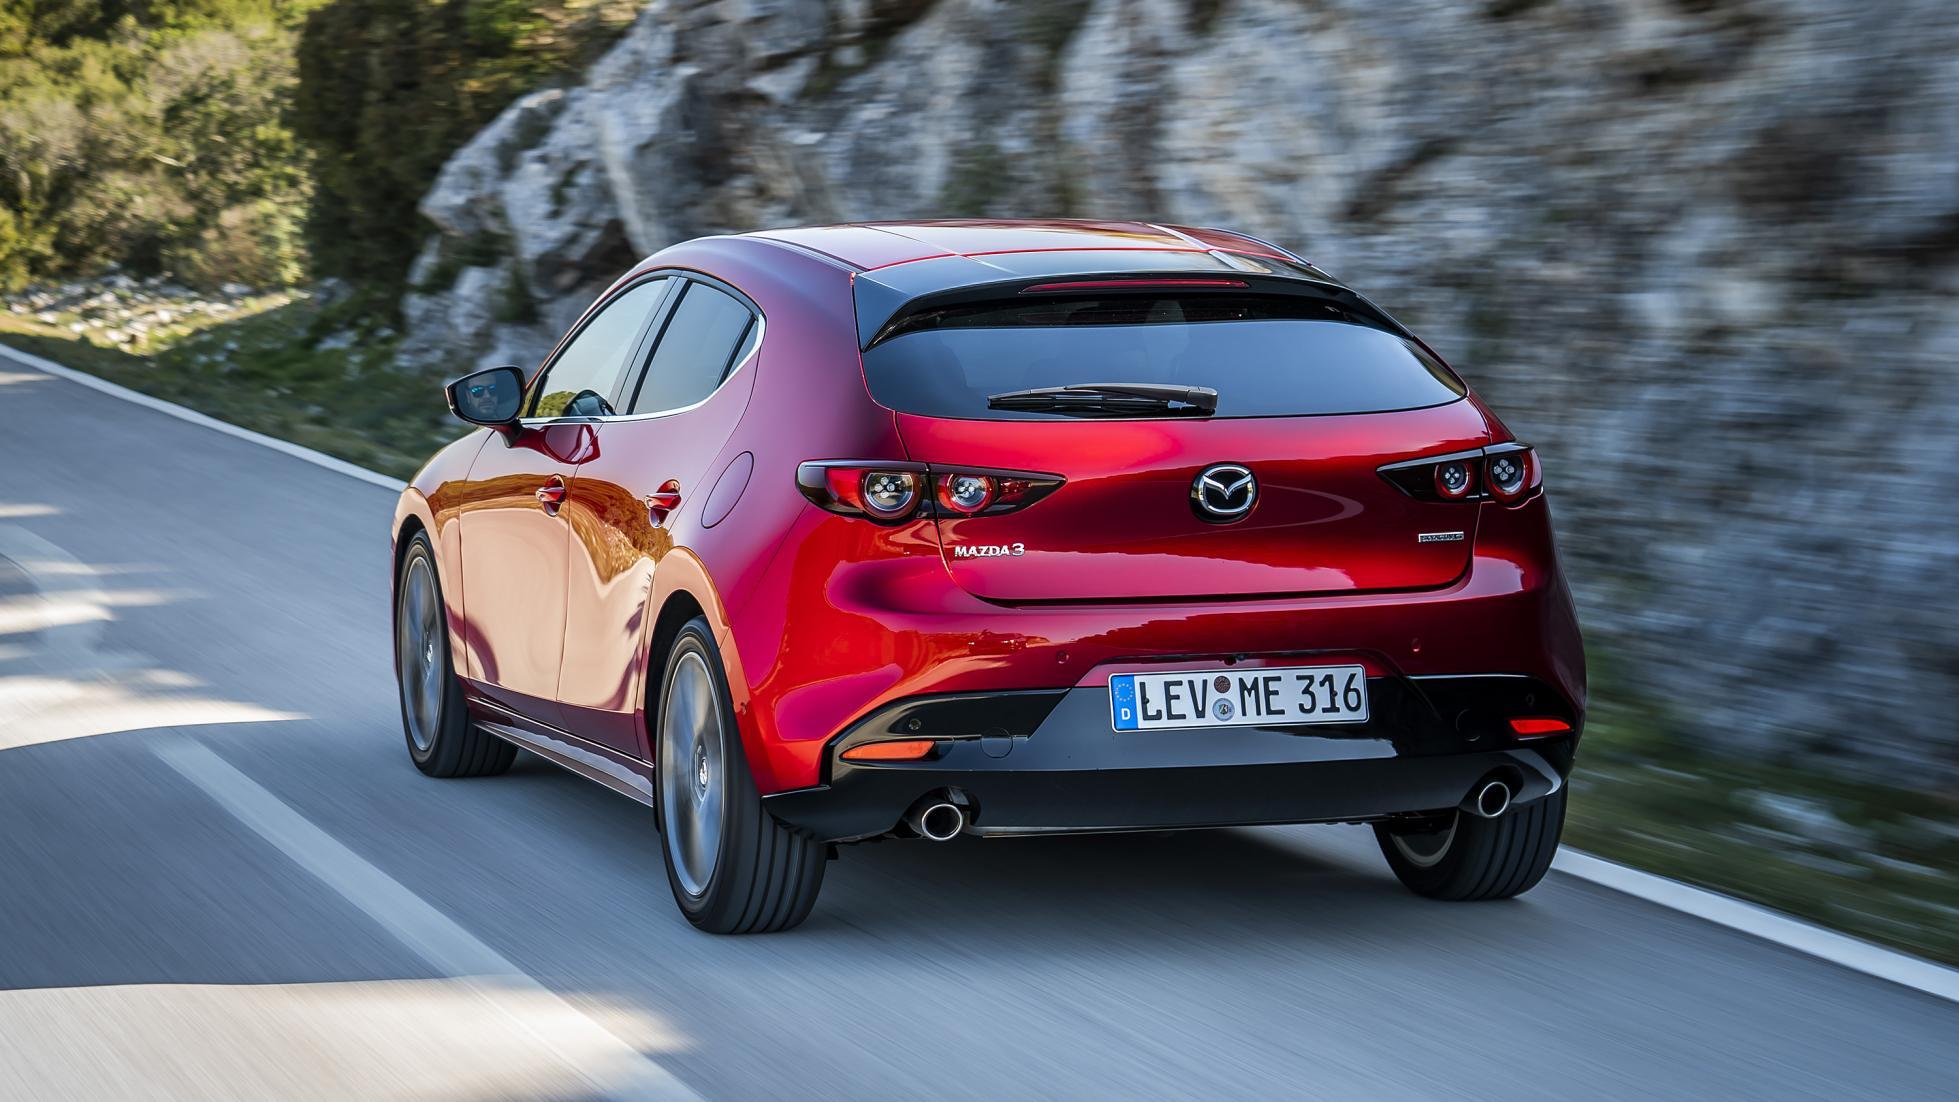 https://www.whatcar.lv/cars/Mazda/3/4f69041a9f526fe67b68582bef6f9799.jpg